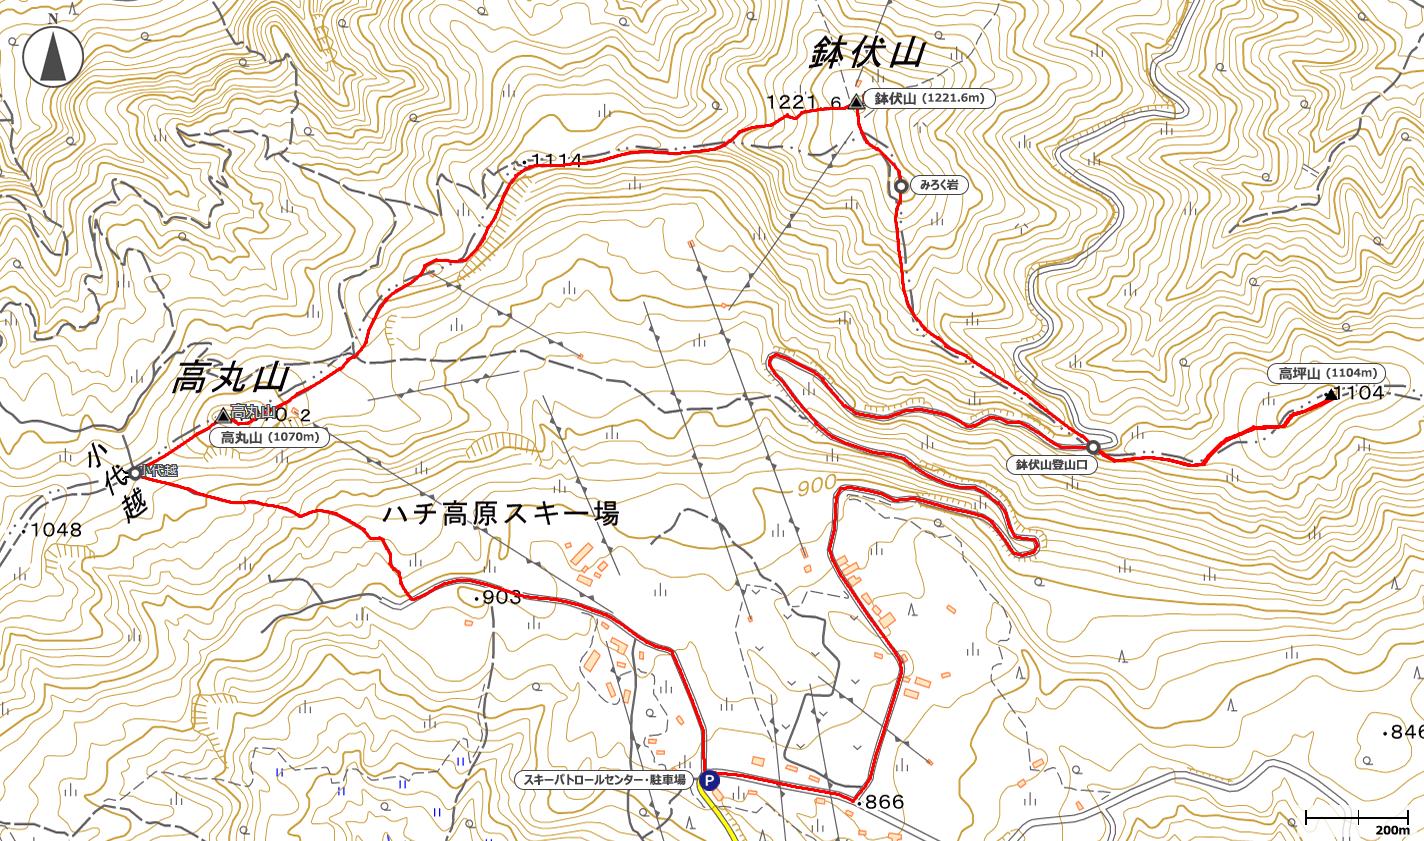 鉢伏山地図